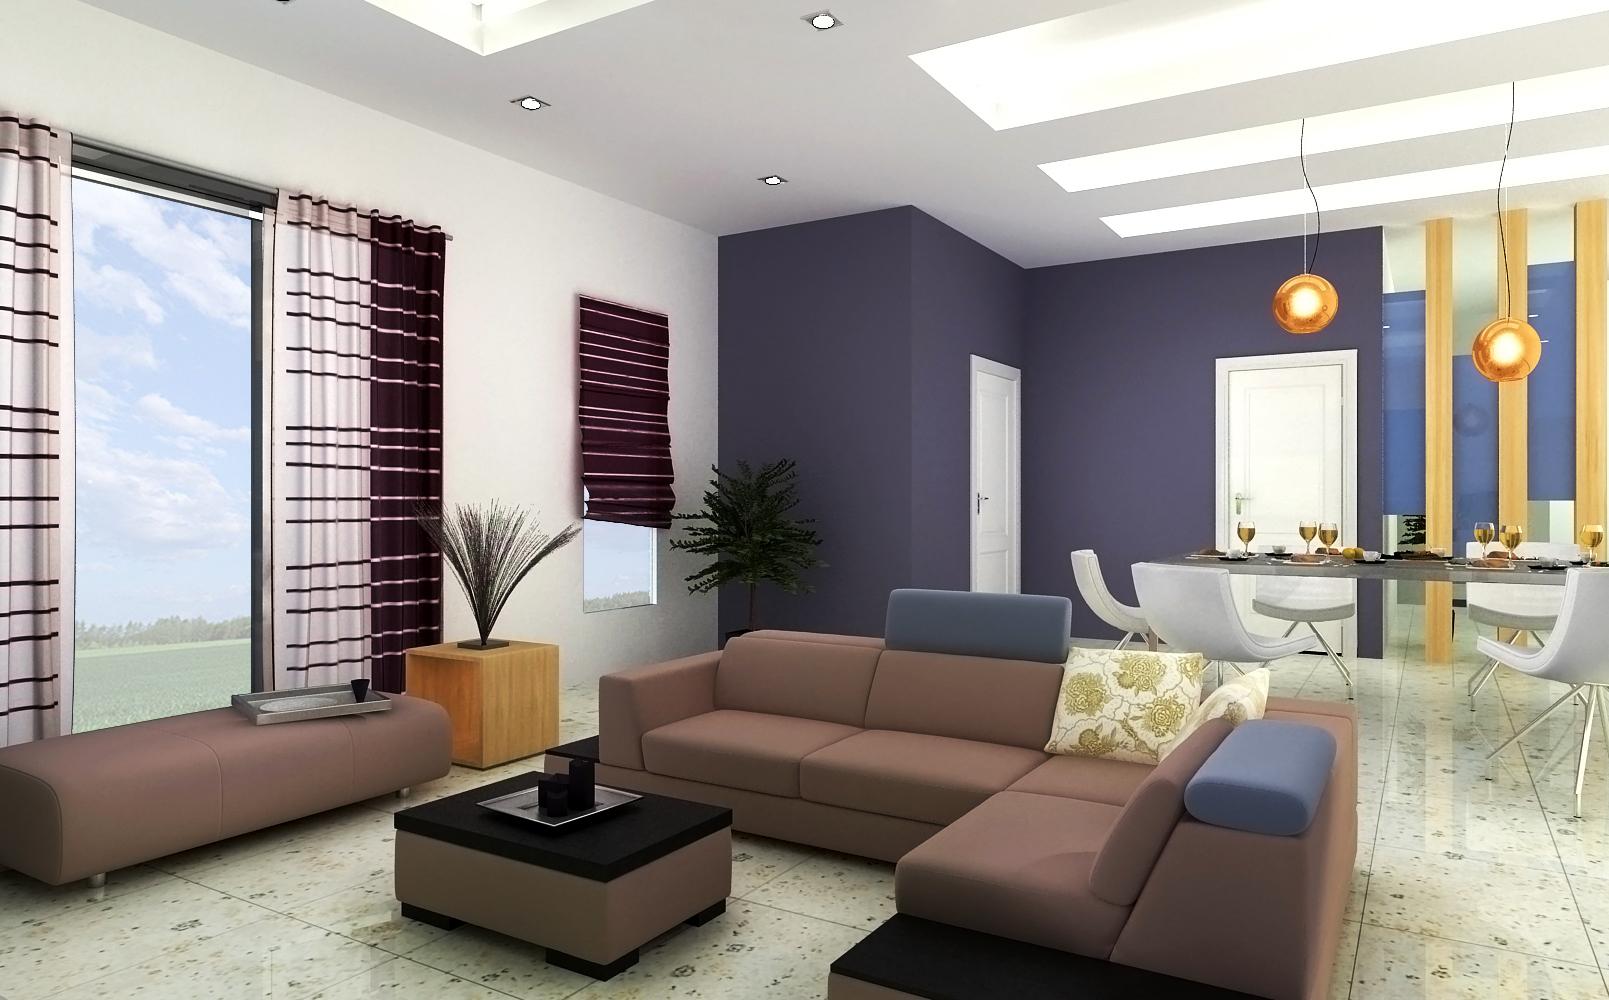 011210 double storey interior